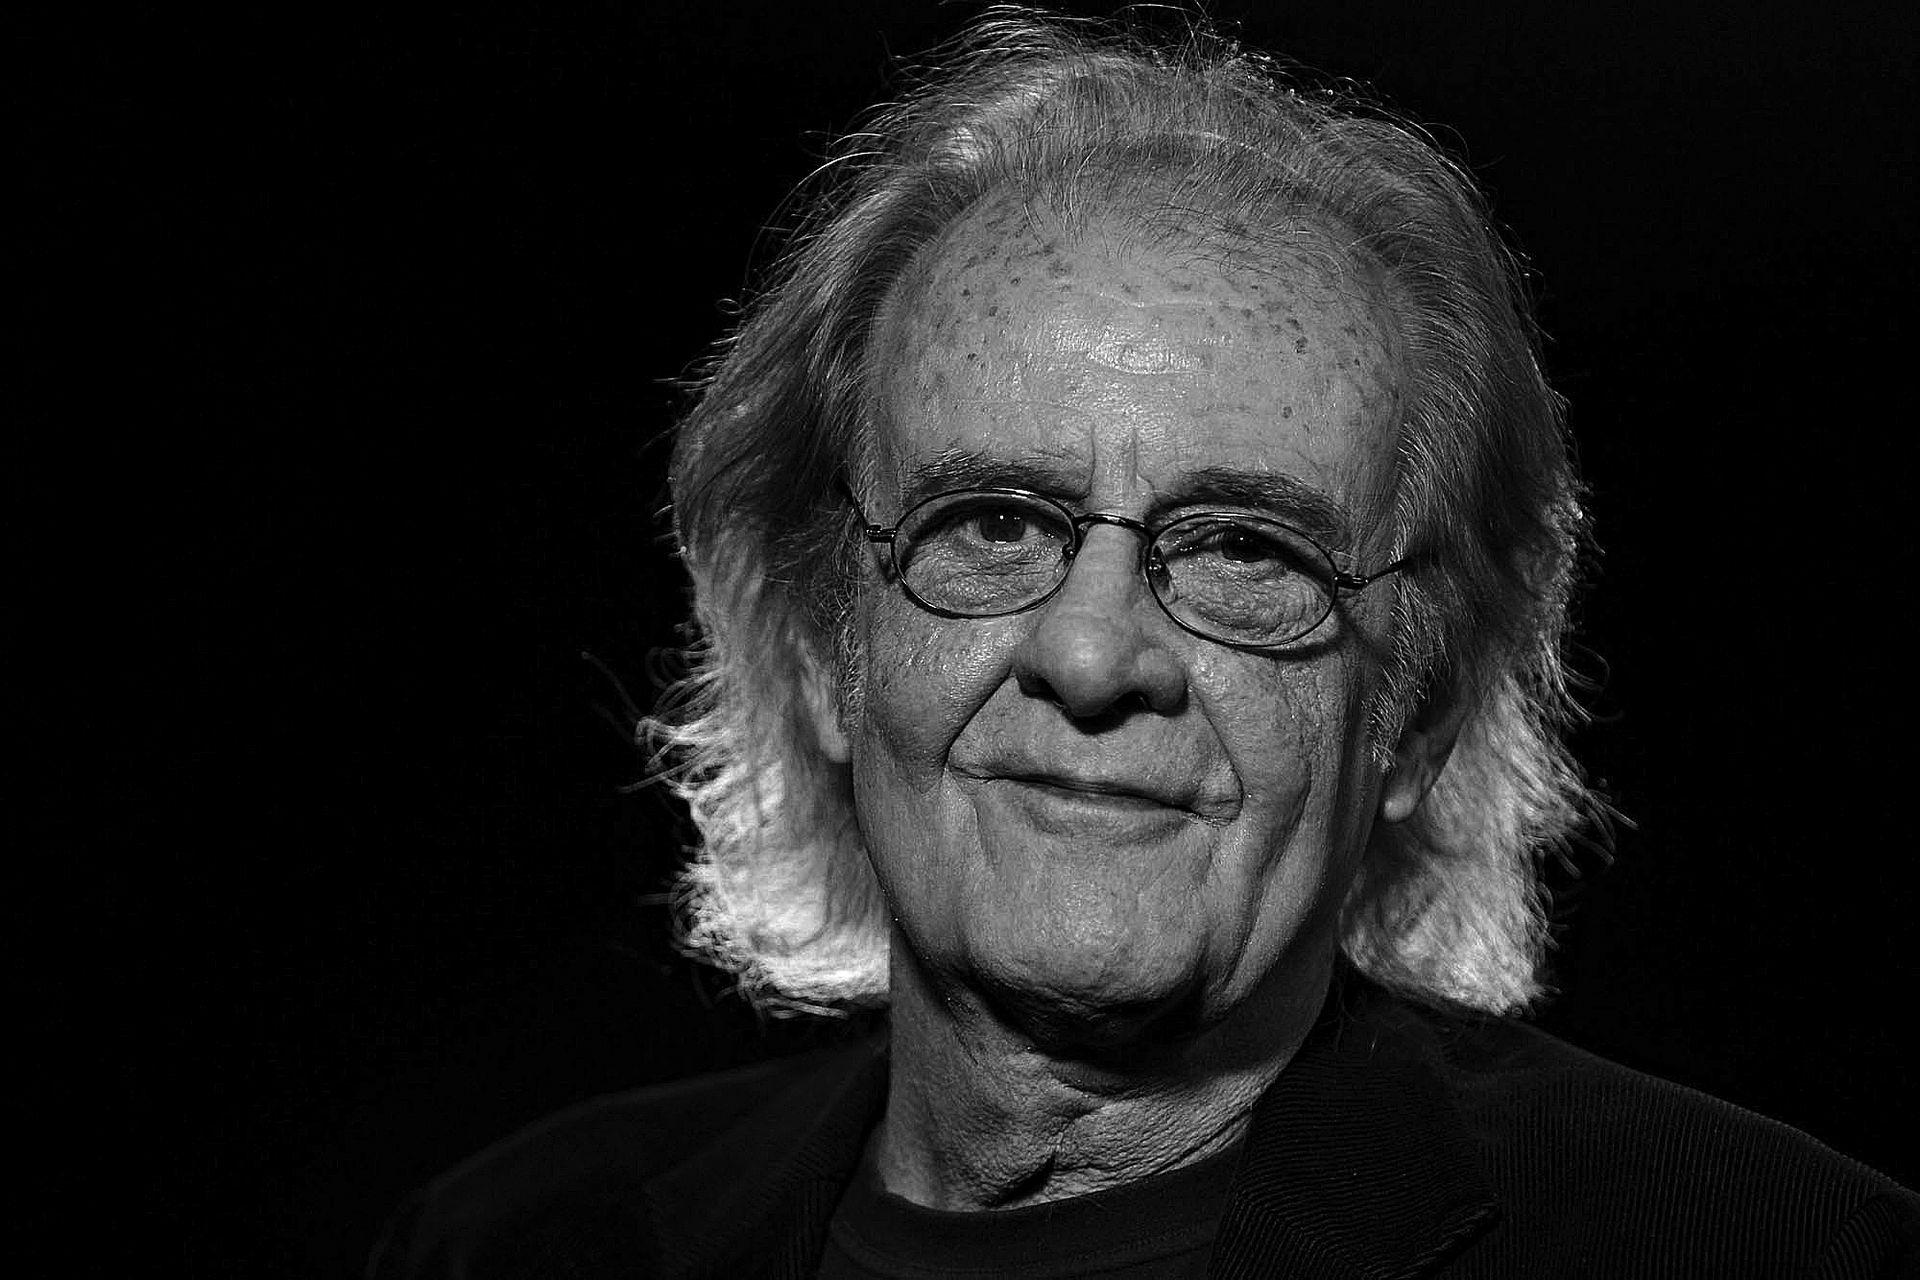 El músico, cantautor, director de cine, actor, escultor, escritor, pintor y poeta español falleció a los 76 años